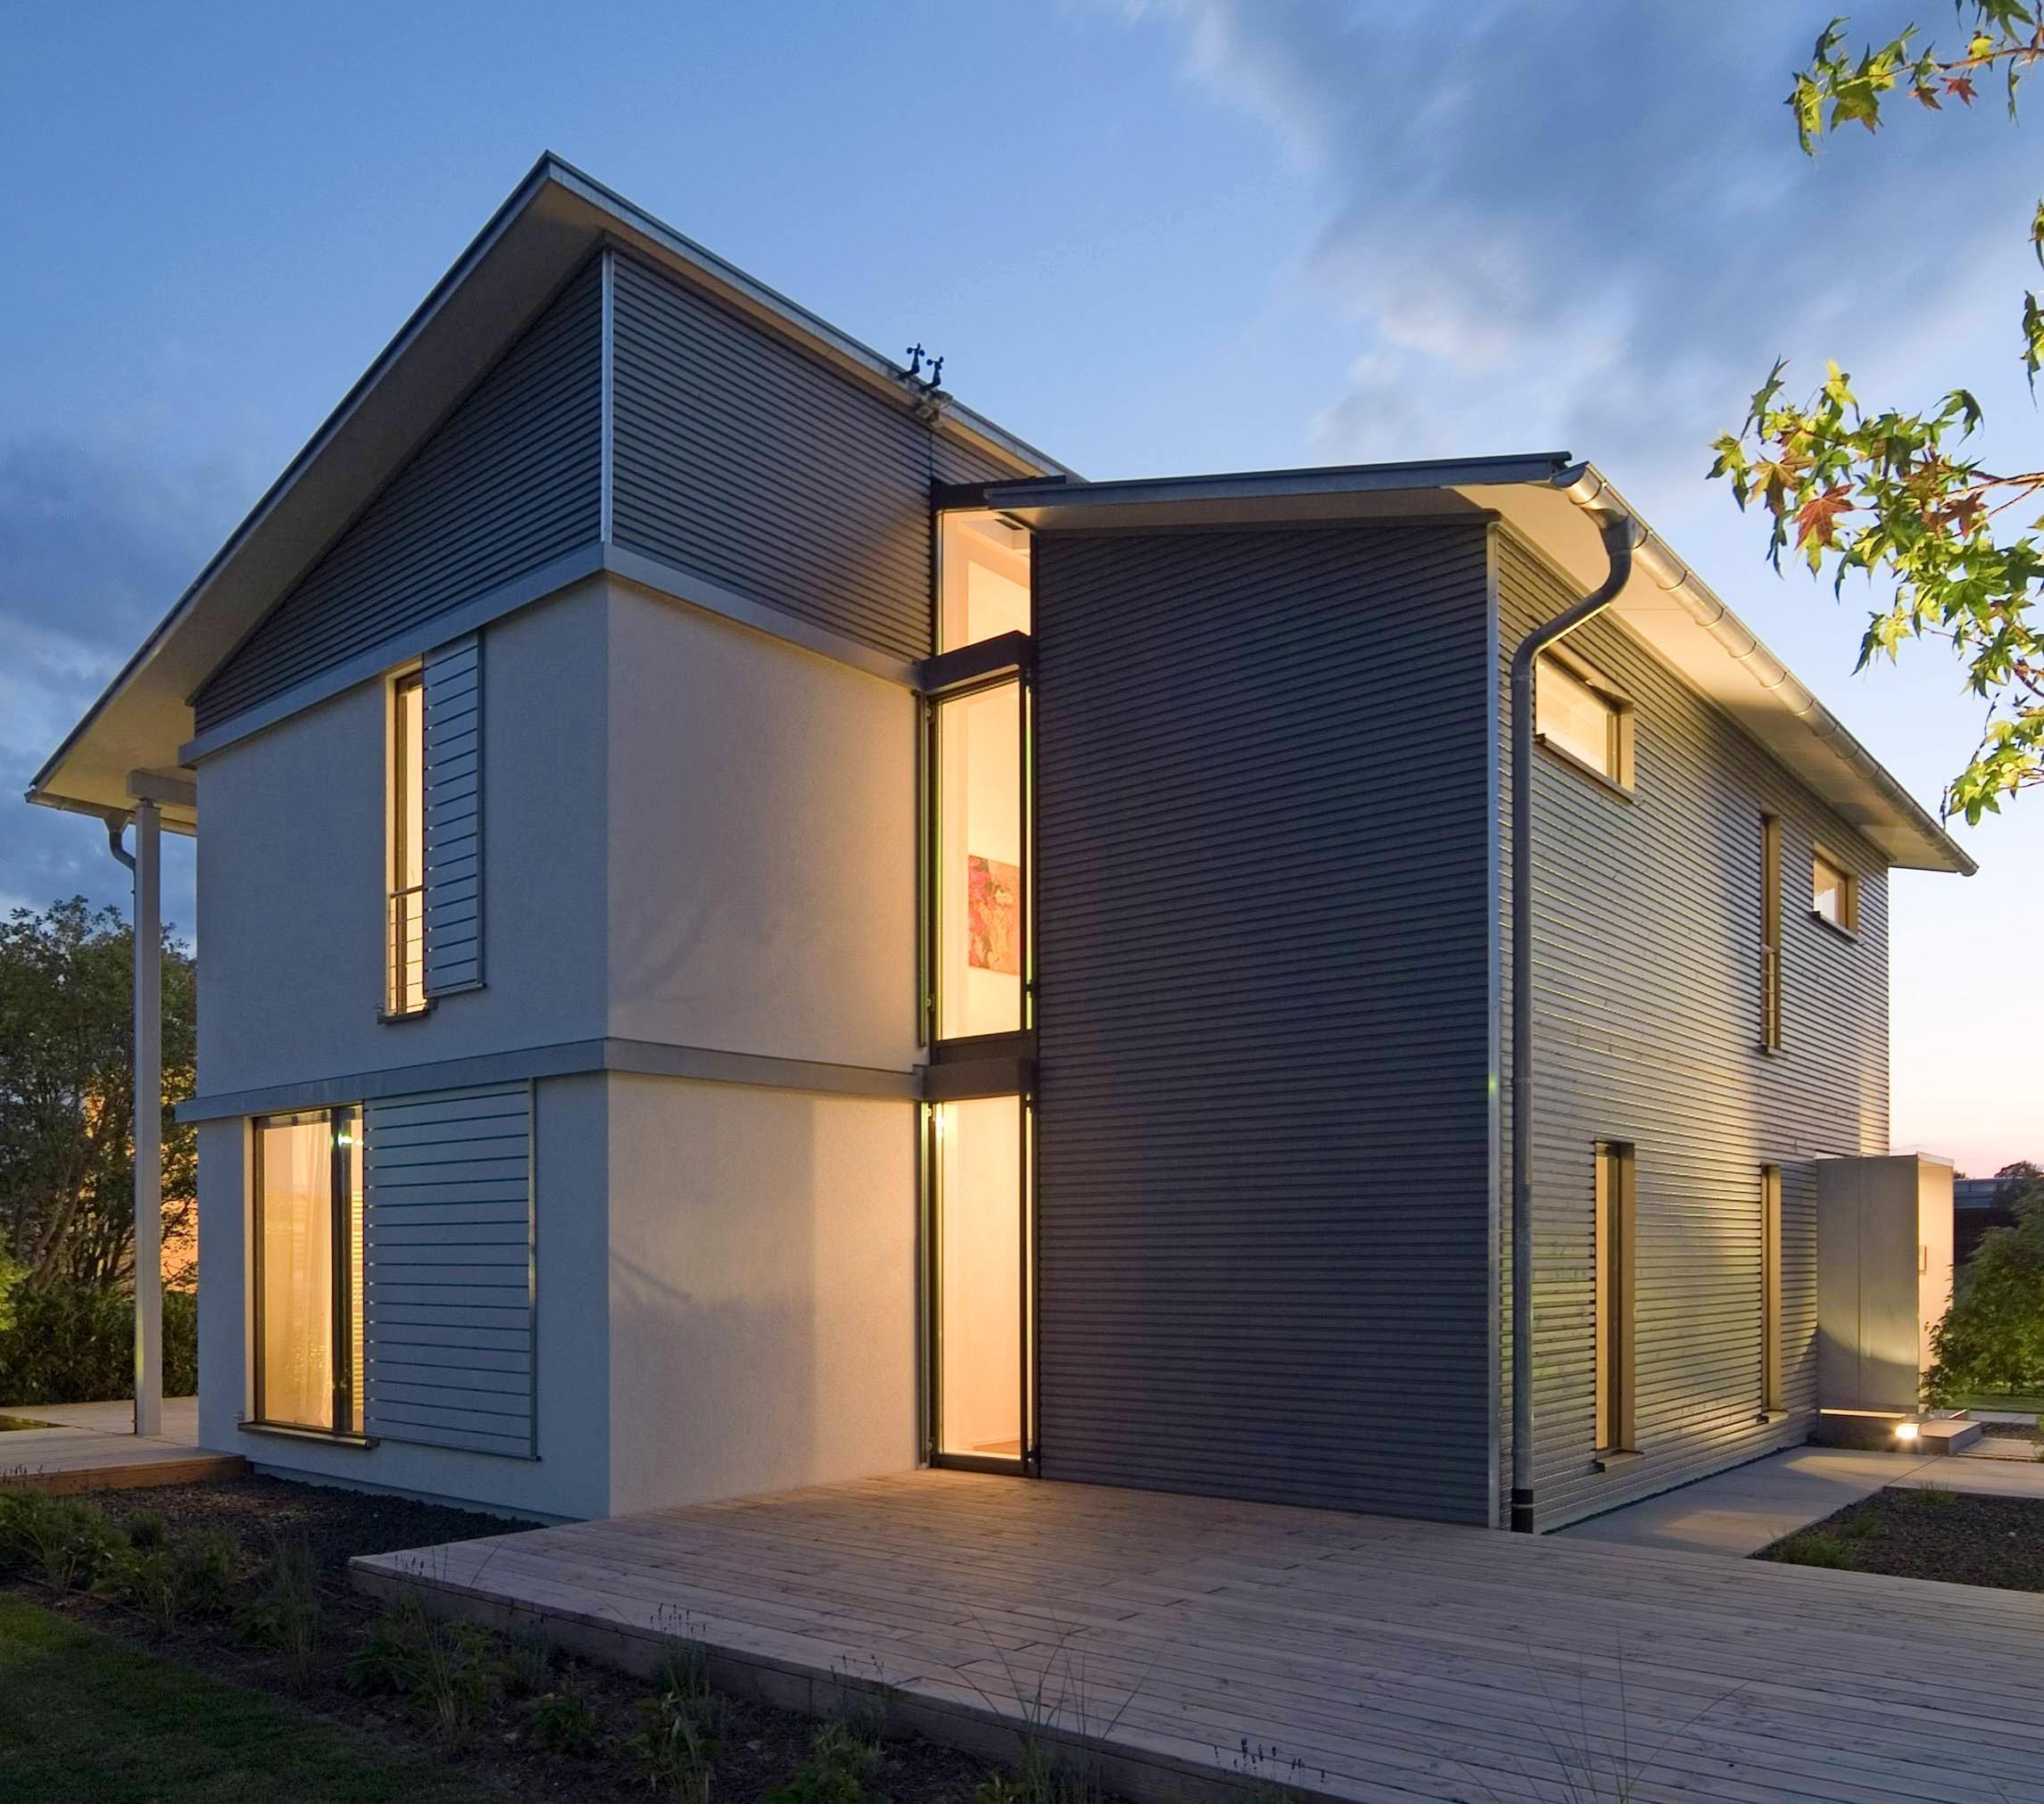 Baustoff mit Zukunft: Von wegen Schwedenhütte oder Bretterbude: Holzhäuser können einen sehr modernen Baustil haben. Foto: DHV/KitzlingerHaus